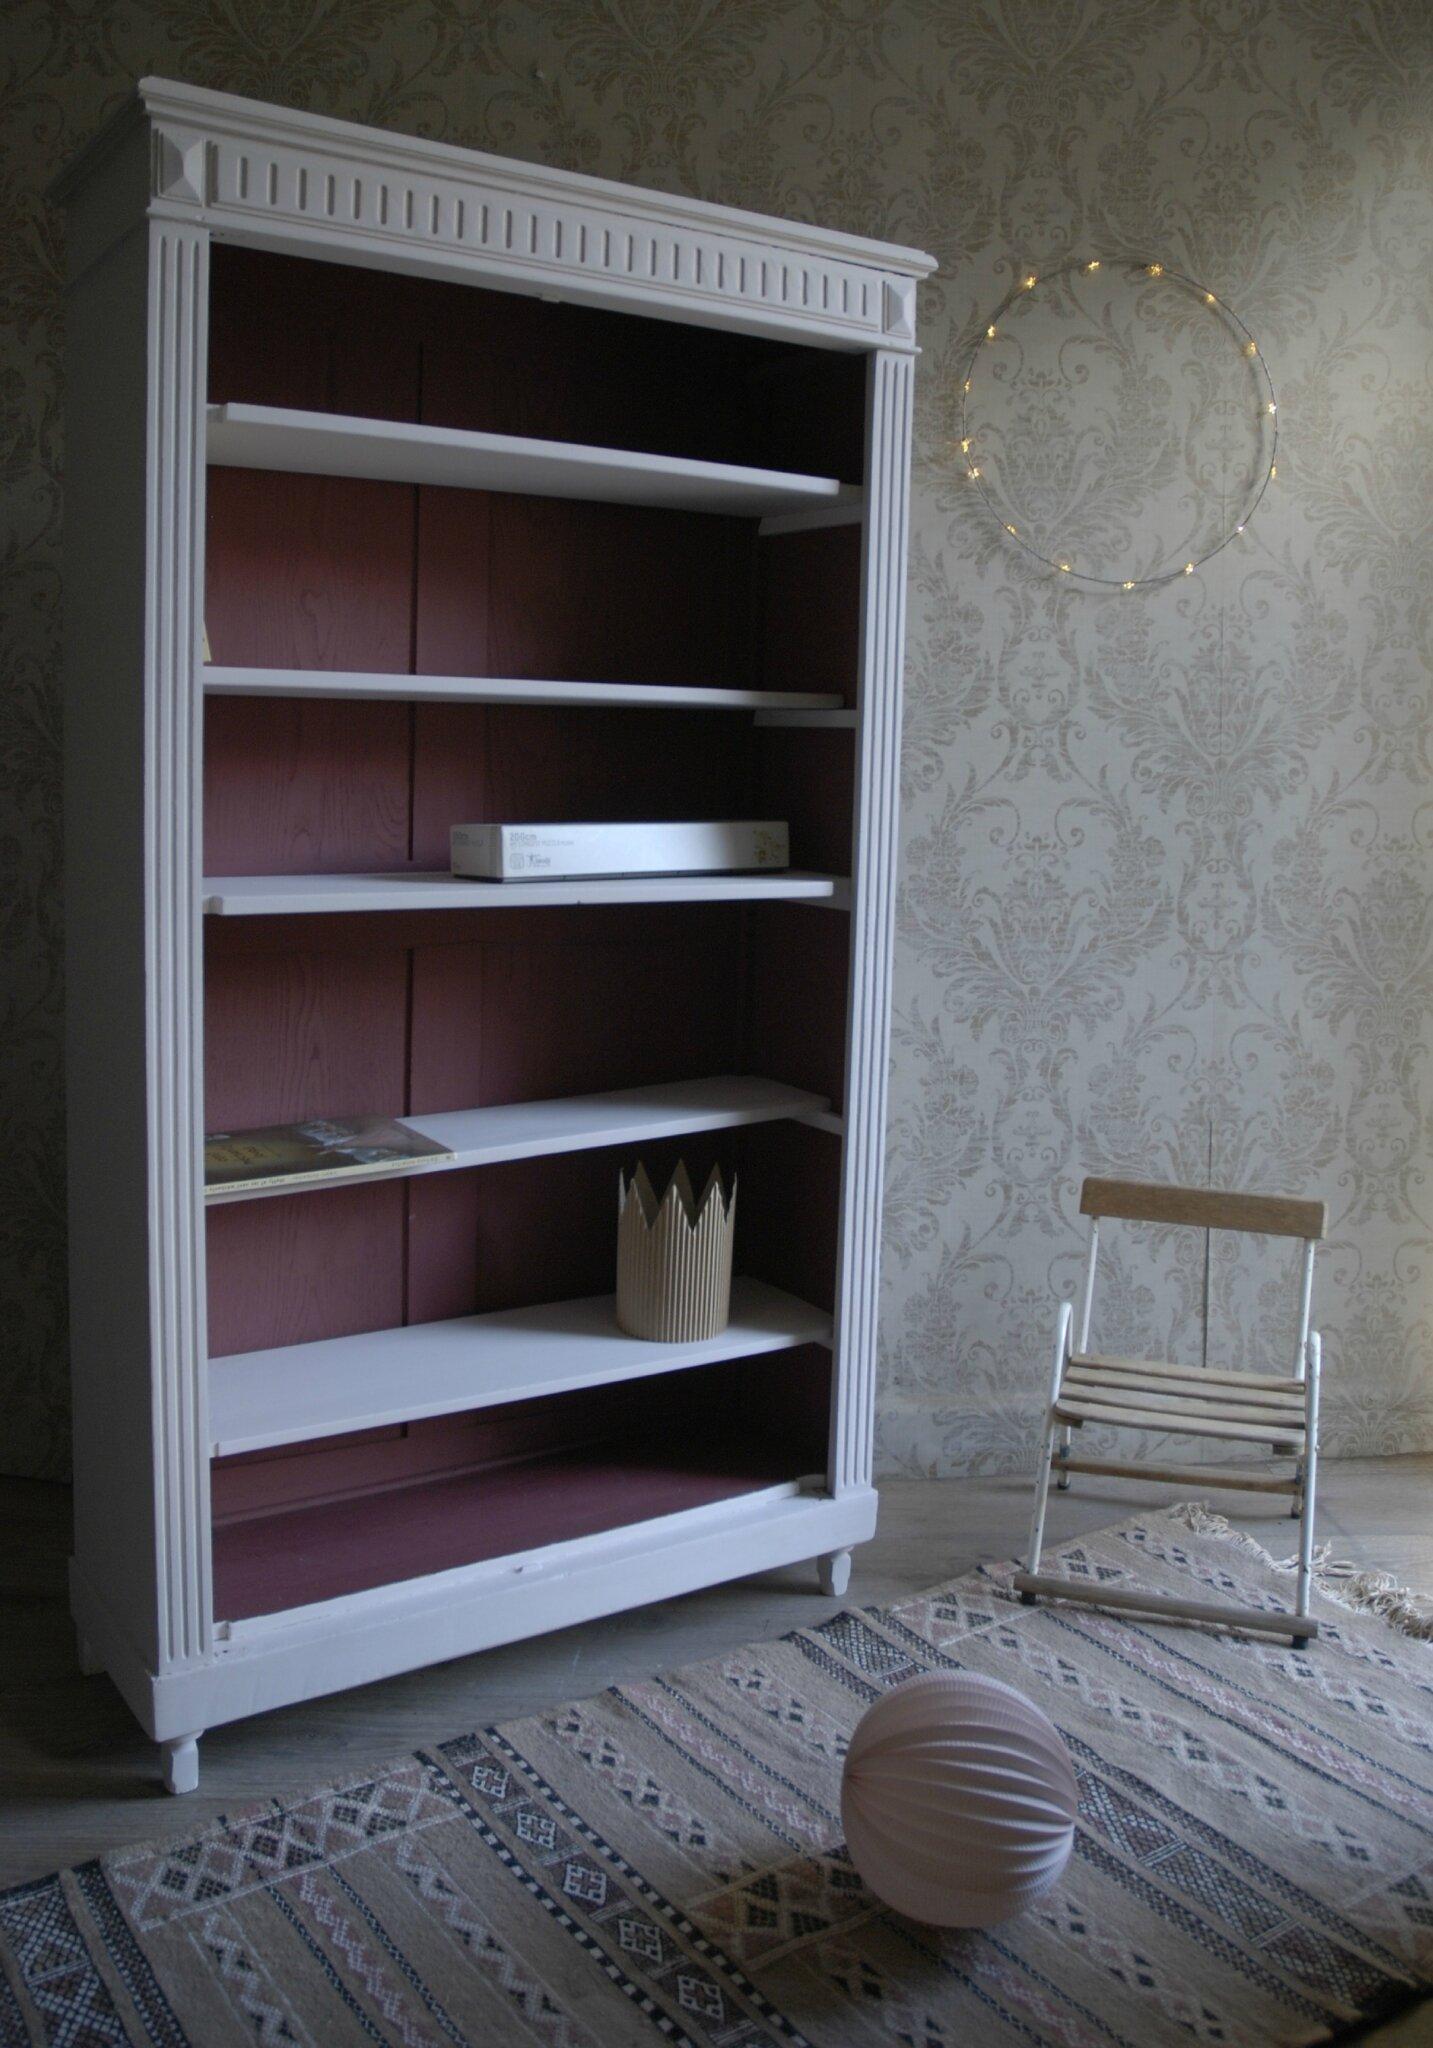 bibliothque faible profondeur latest etagre petite. Black Bedroom Furniture Sets. Home Design Ideas